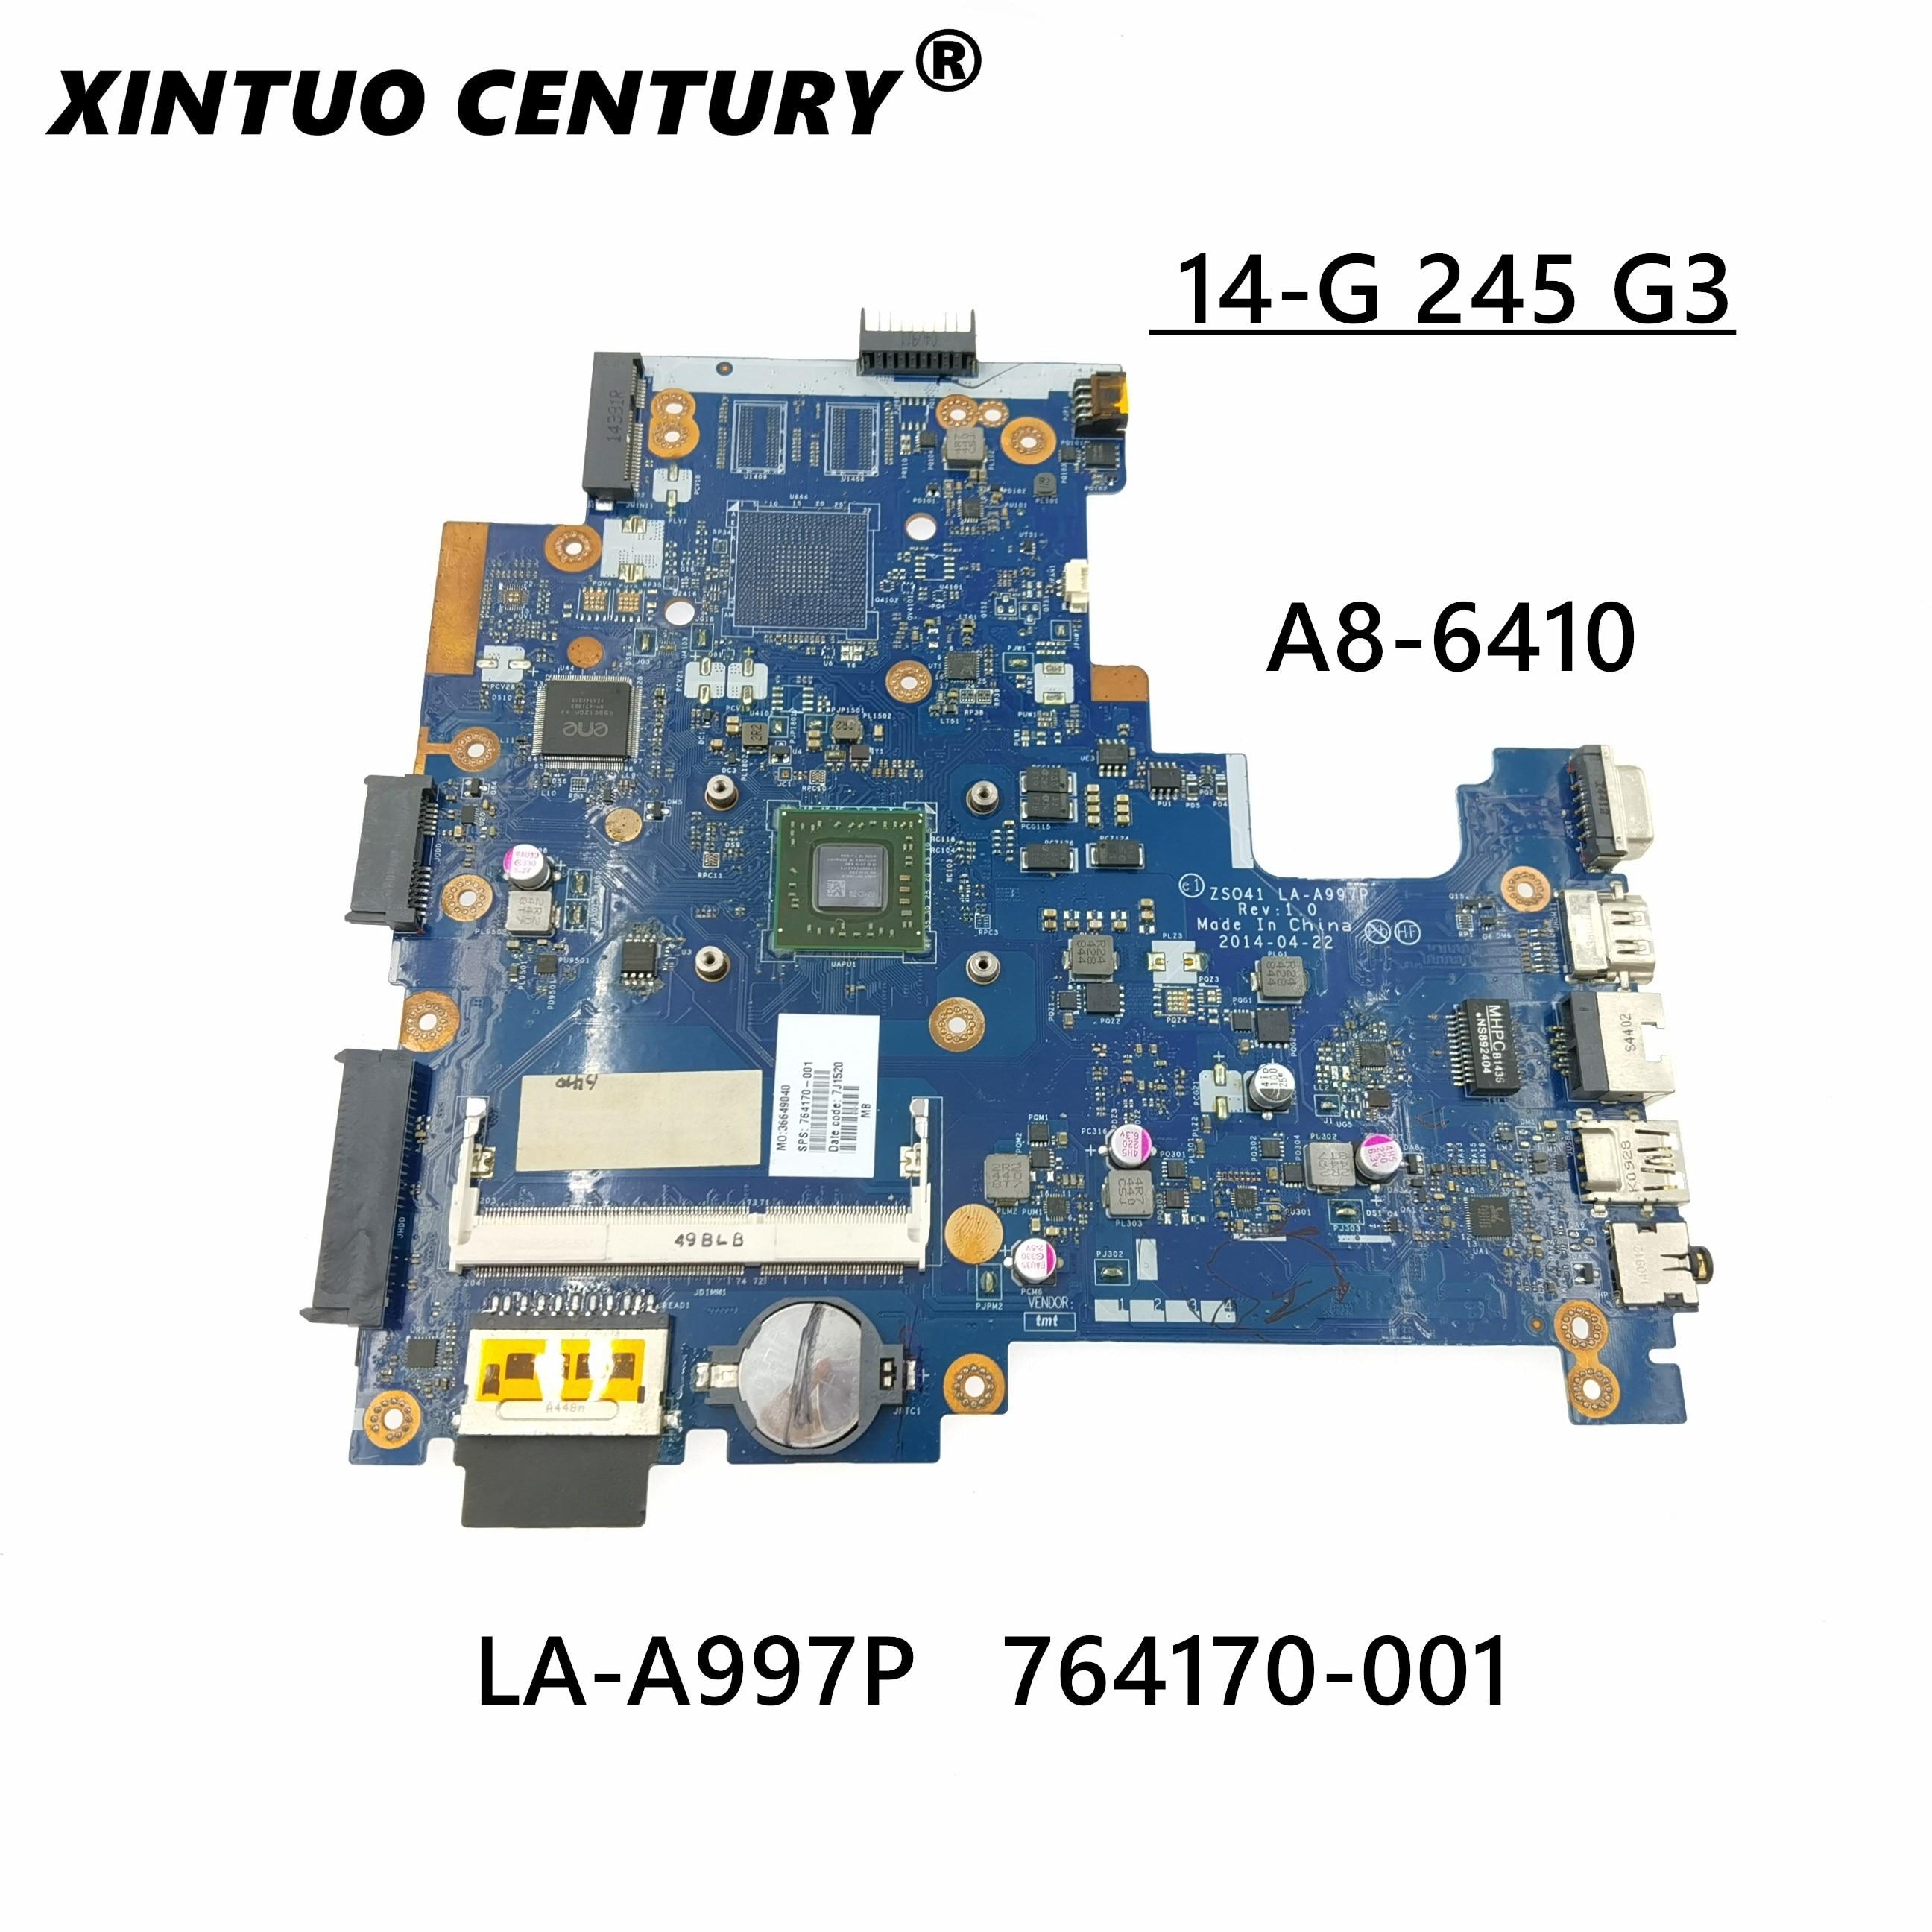 764170-001 764170-501 764170-601 الفقرة HP 14-G 245 G3 السلسله بلاكا قاعدة دي computadora portátil A8-6410 CPU LA-A997P